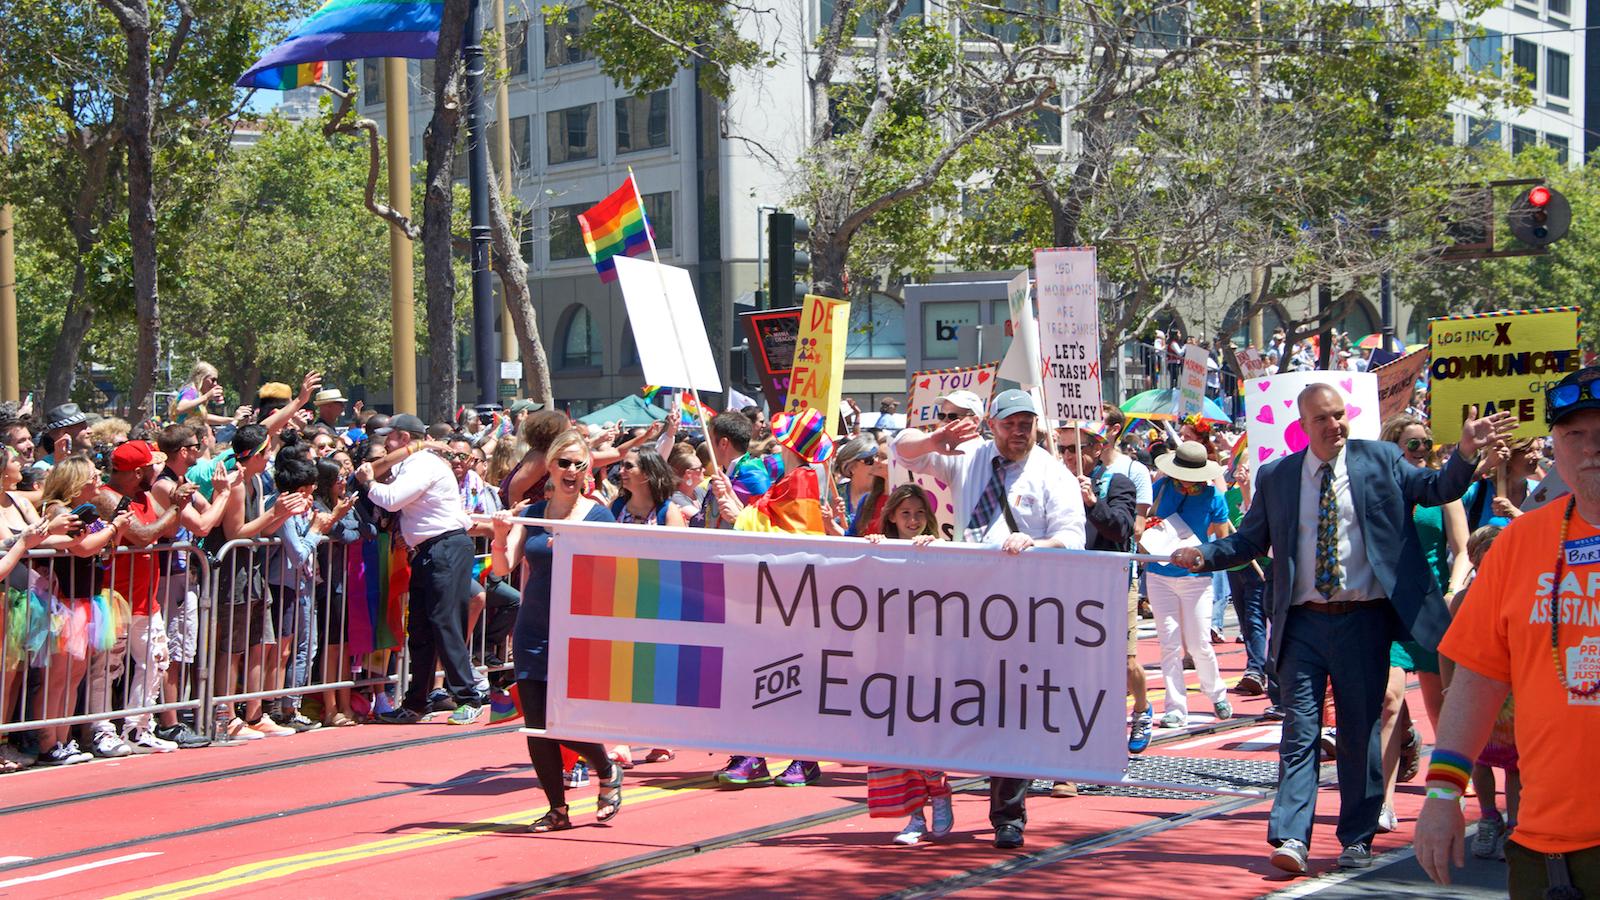 Aflevering 4: hoeveel mormonen zijn er, wat is ons standpunt over LGBT, de Gilmore Girls